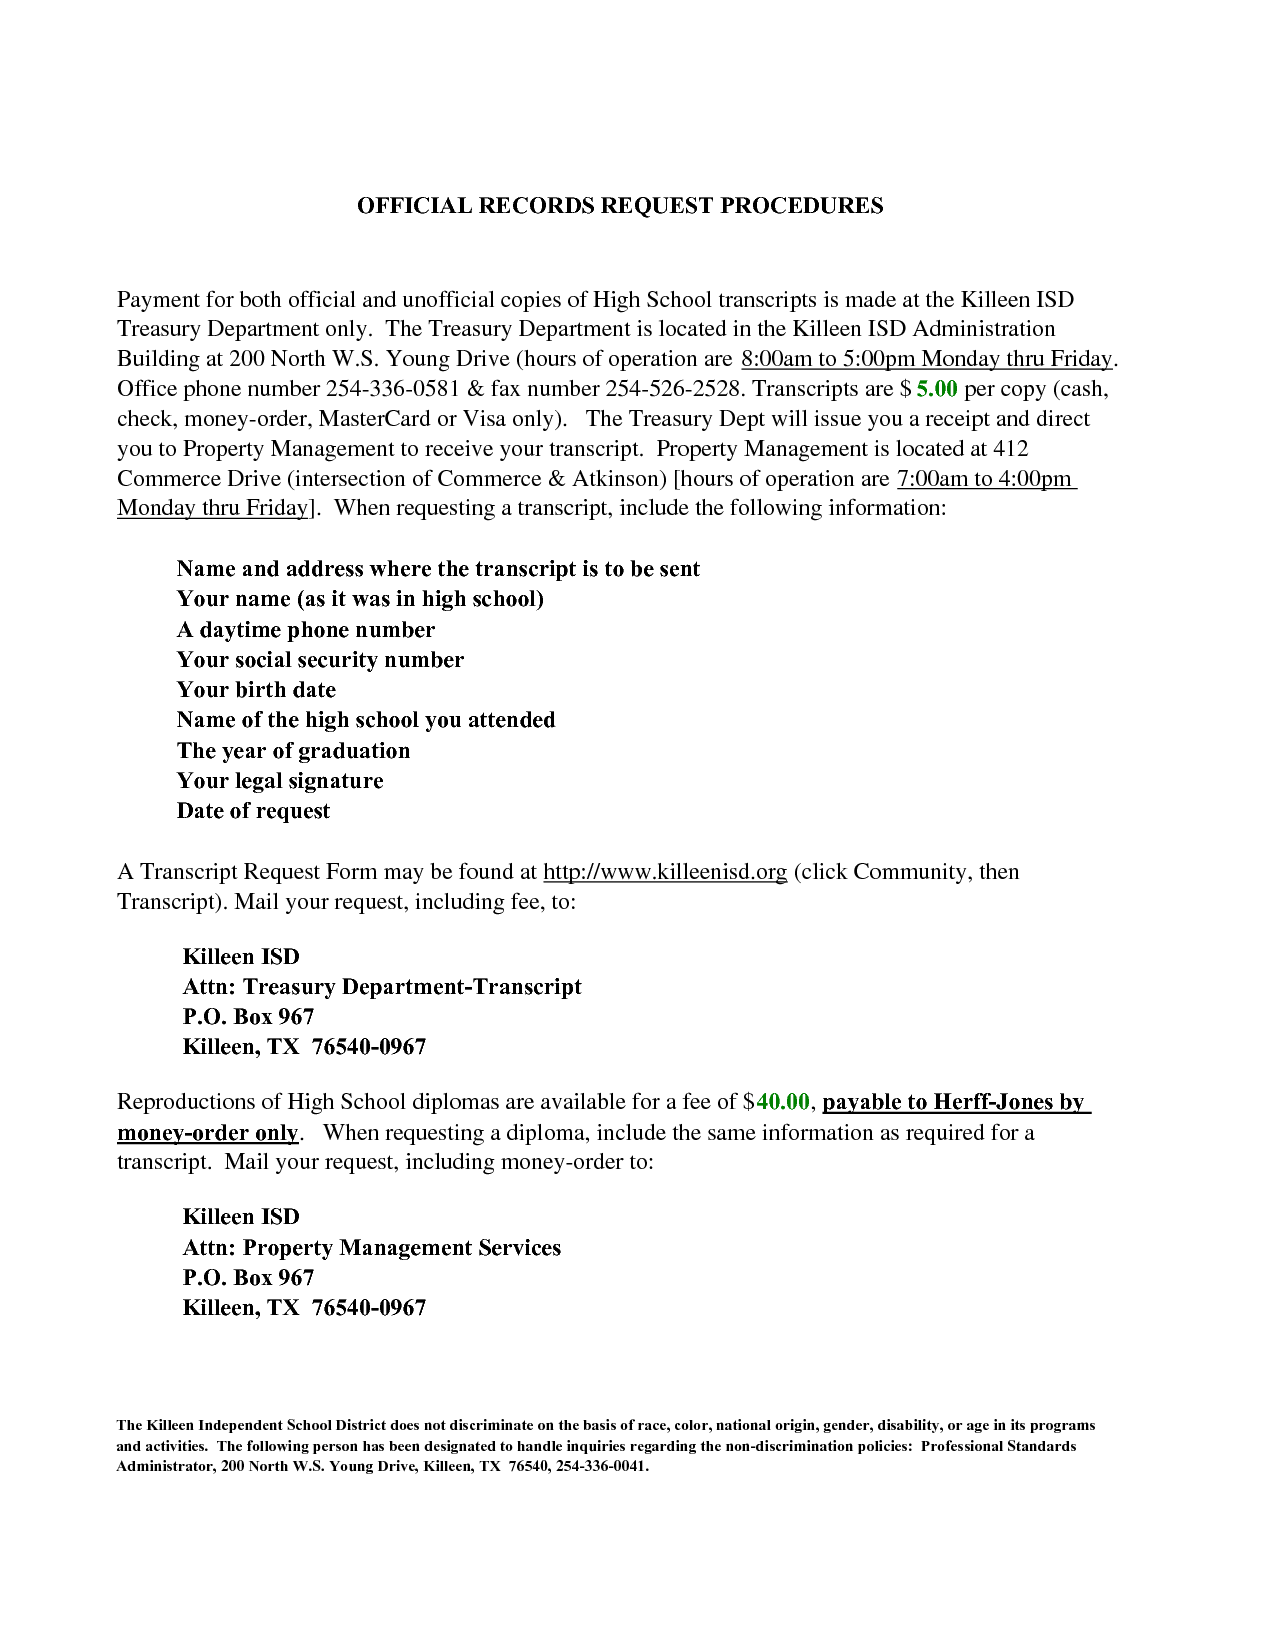 Official transcript request letter letternew transcript request letter this is from a graduate of an altavistaventures Images